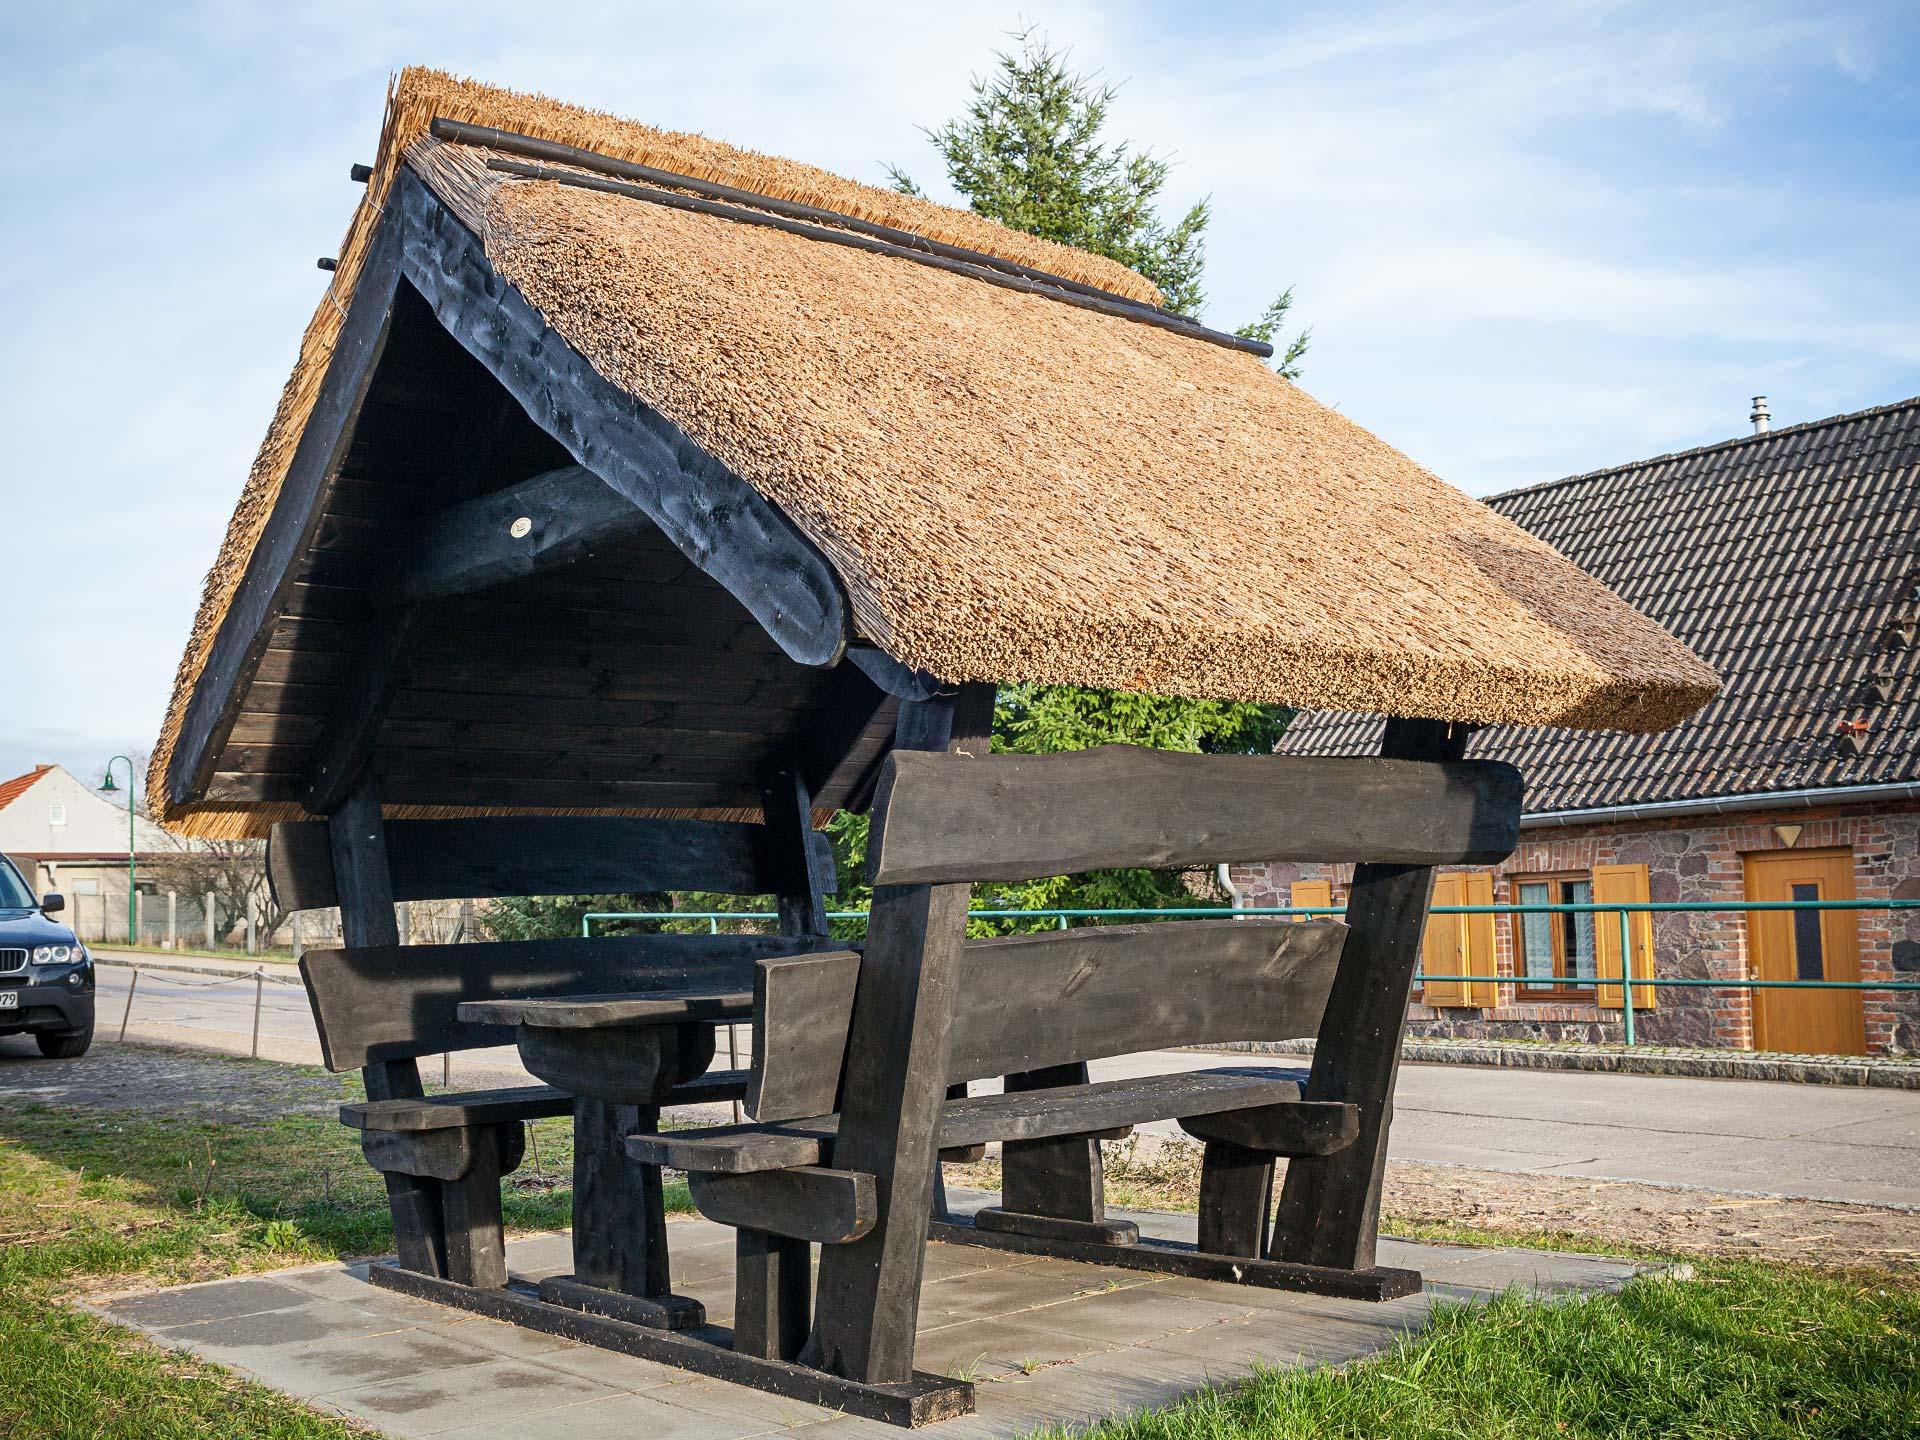 pavillon_fischer_brodowin02